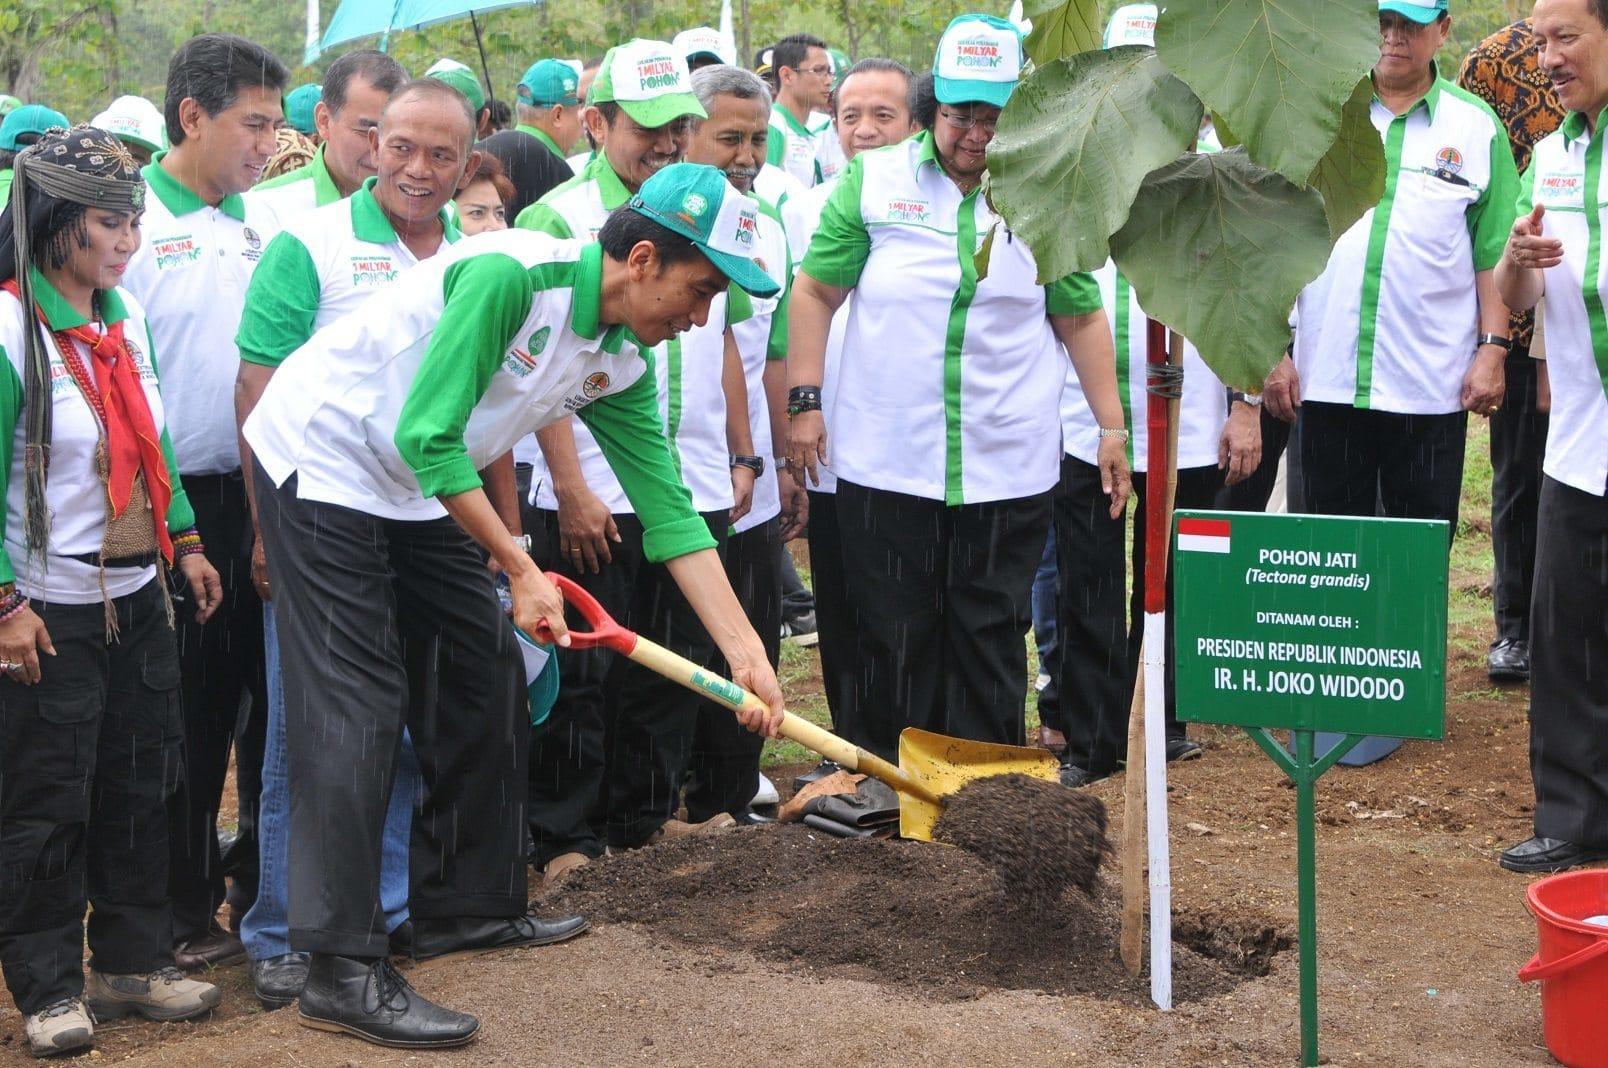 PRESIDEN REPUBLIK INDONESIA PIMPIN PENANAMAN 1 MILYAR POHON DALAM RANGKA HARI MENANAN POHON INDONESIA